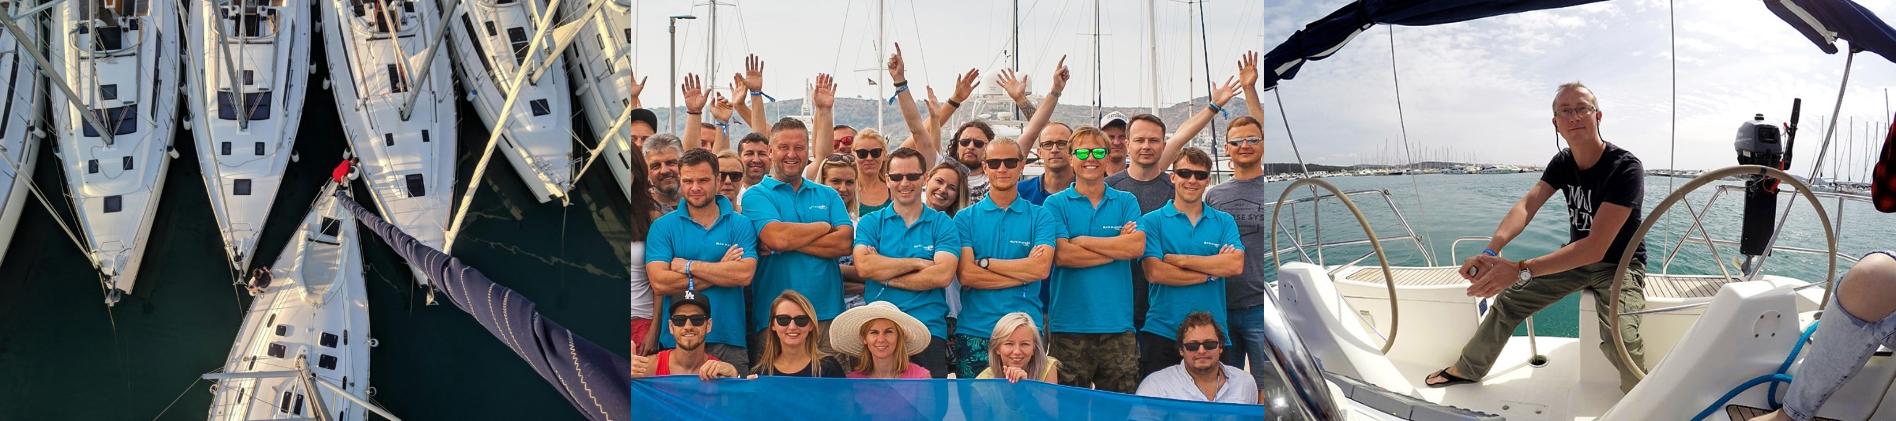 Skippers-HELL-WEEK-akademia-skipperow-blue-water-club